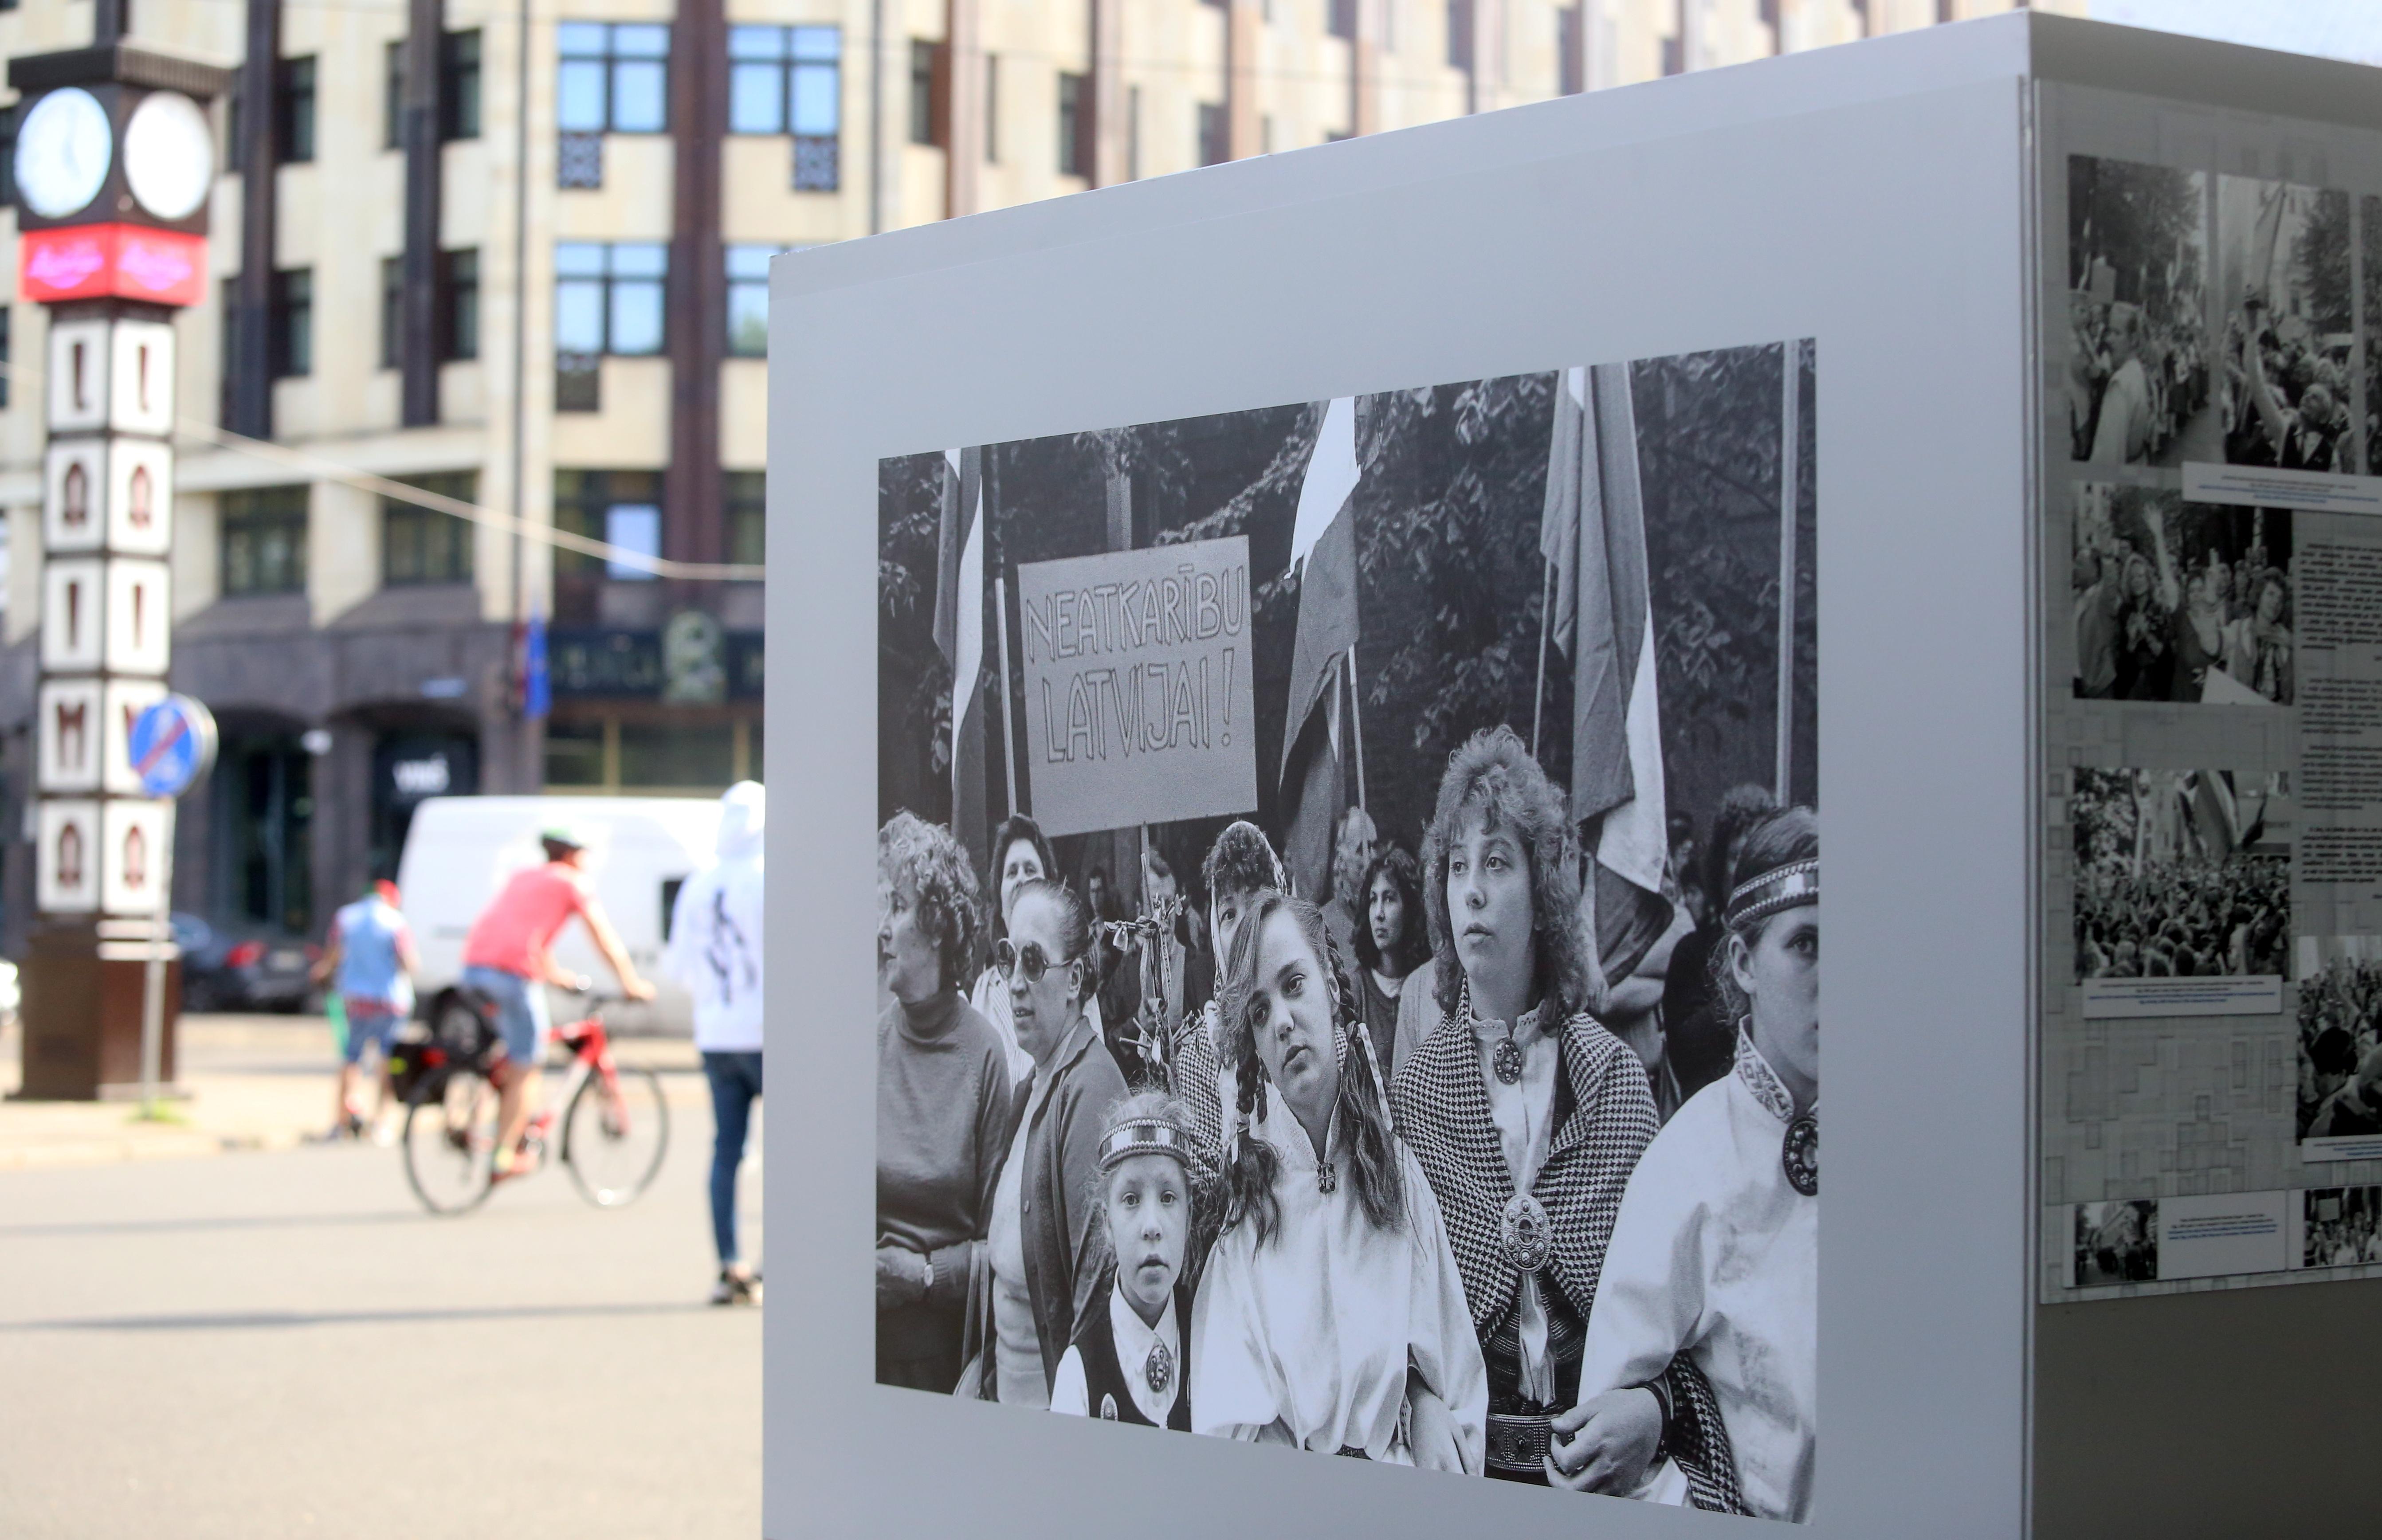 Ceļš uz neatkarīgu, demokrātisku Latviju… - Latvijas Vēstnesis